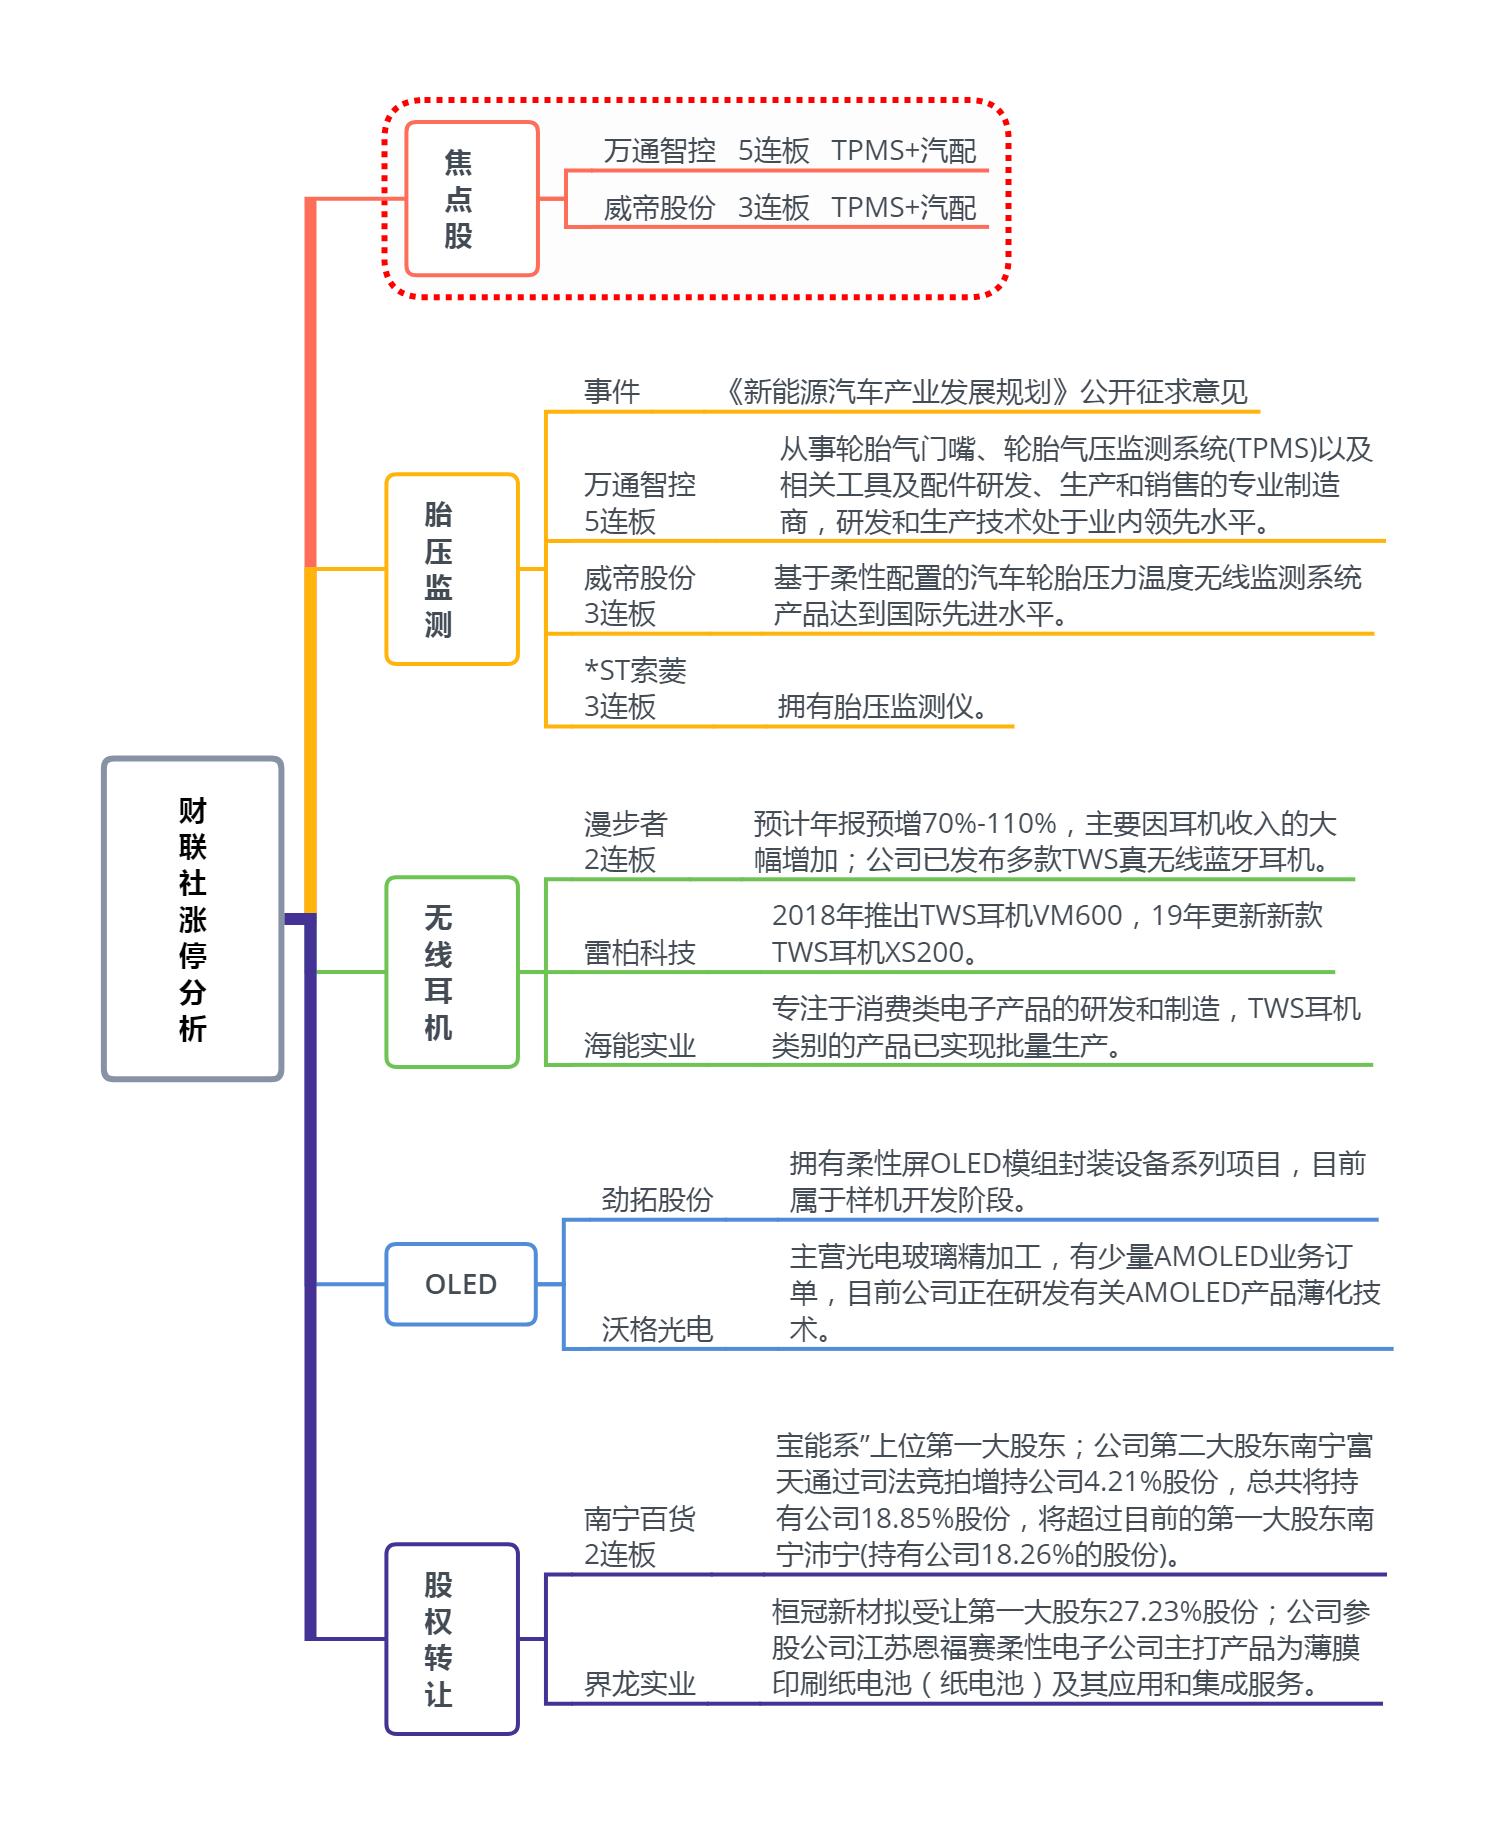 【财联社午报】科技股表现活跃 创业板指放量涨近1.5%